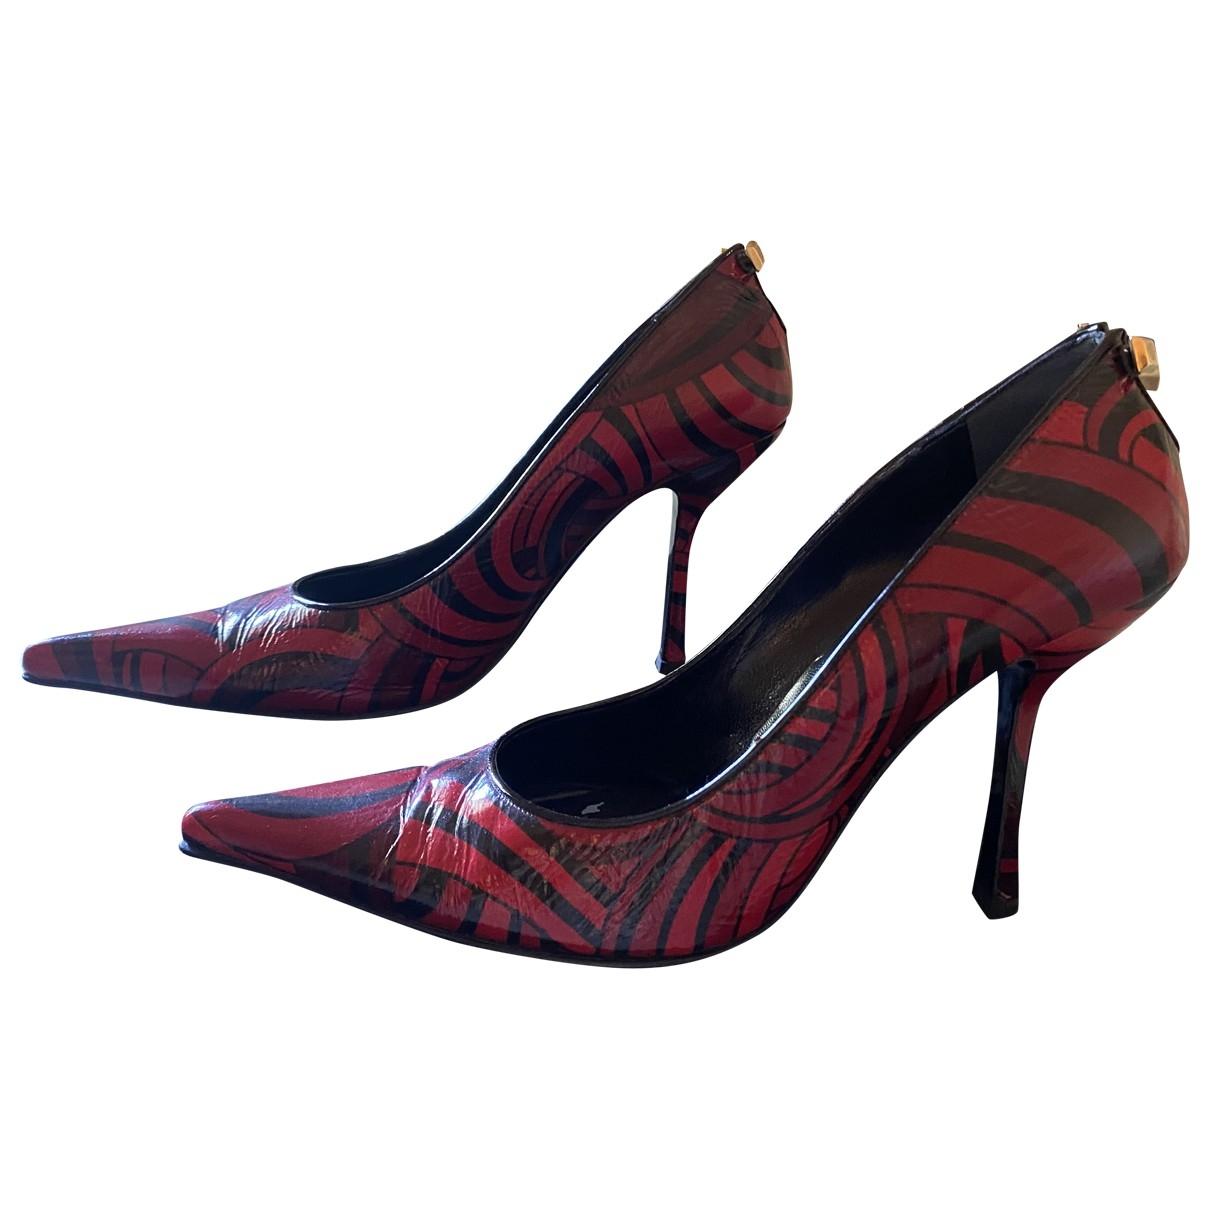 Gianni Versace - Escarpins   pour femme en cuir - multicolore